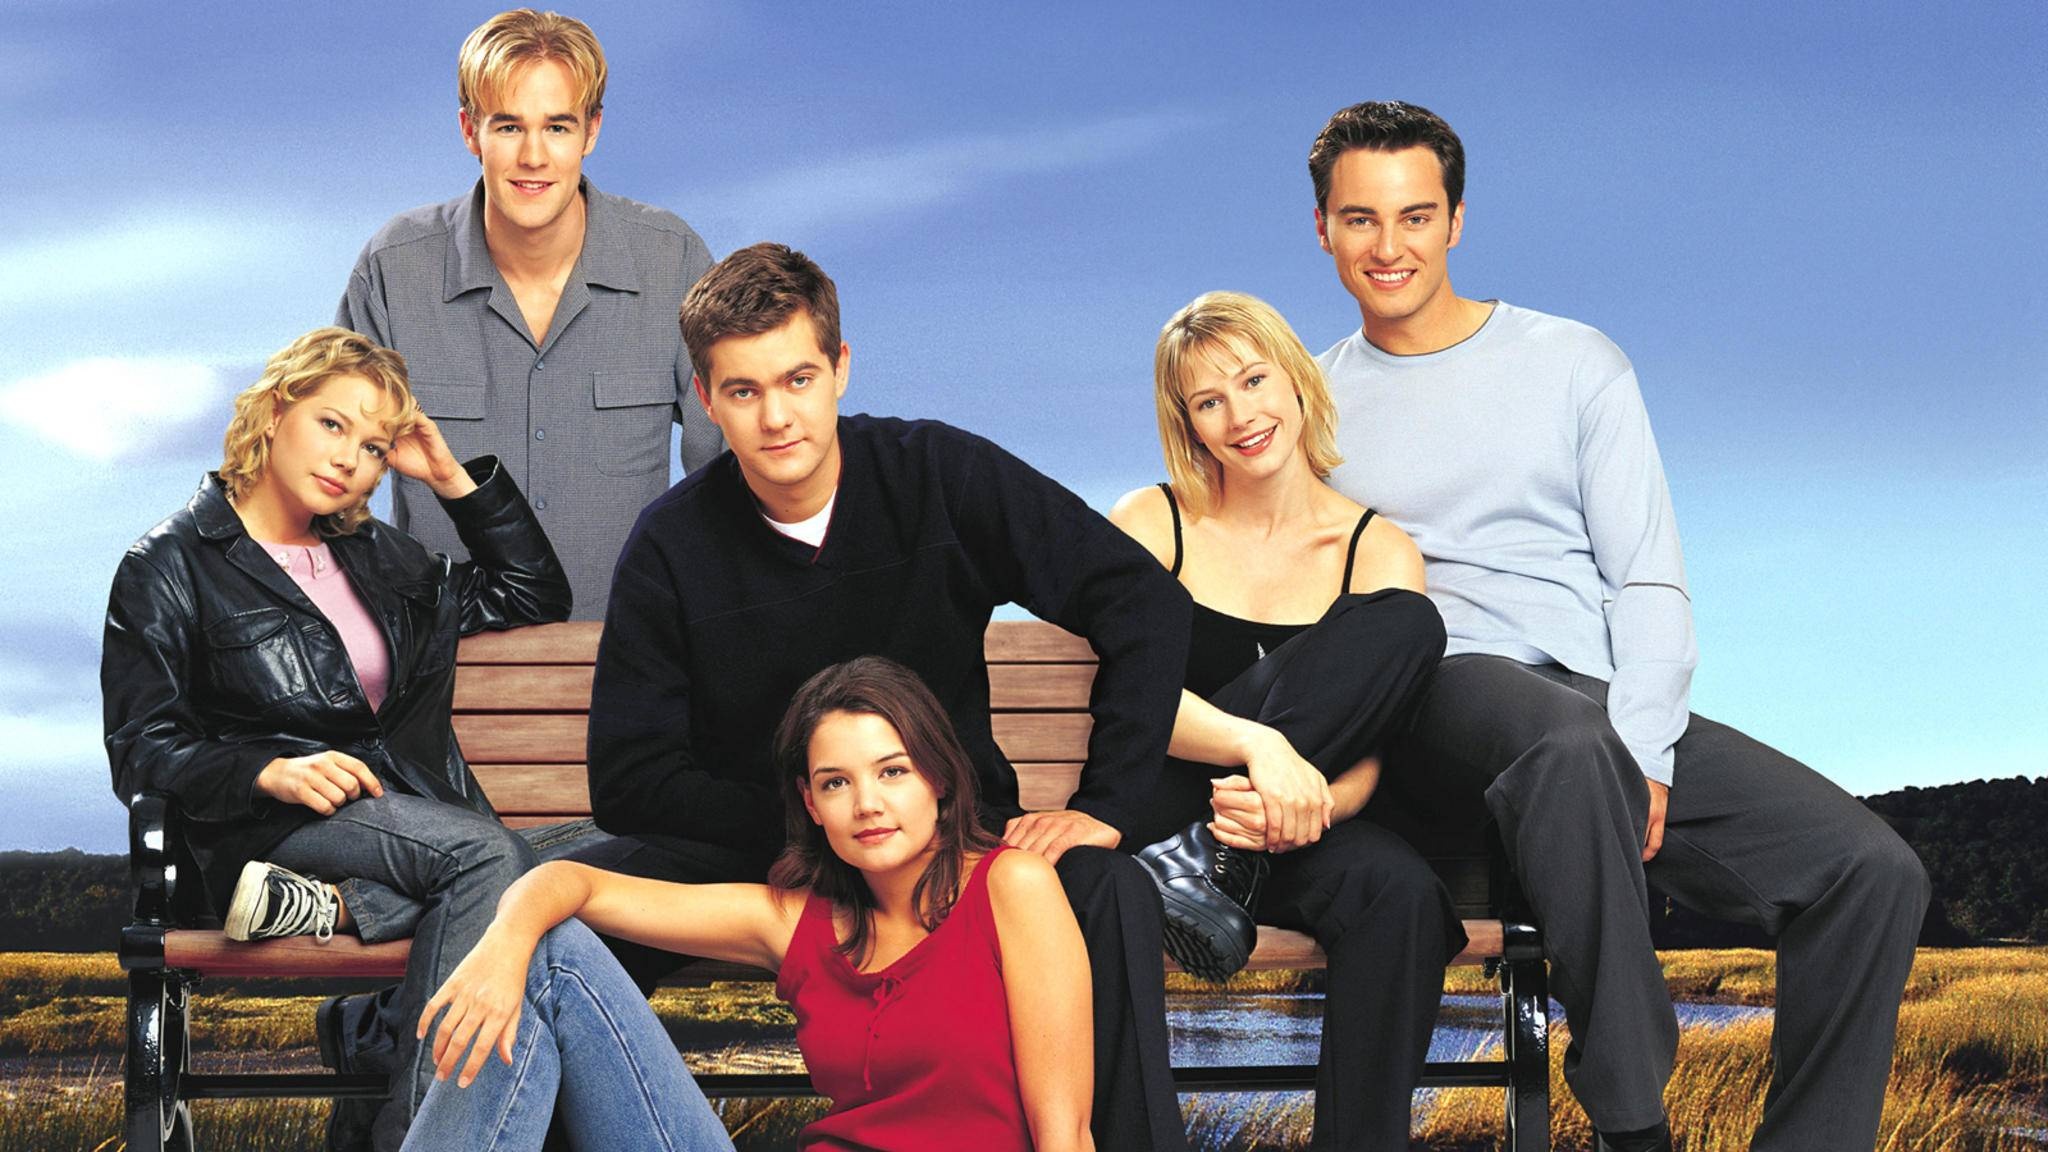 """Vor 15 Jahren lief die finale """"Dawson's Creek""""-Folge im Fernsehen. Was macht die damalige Besetzung heute?"""